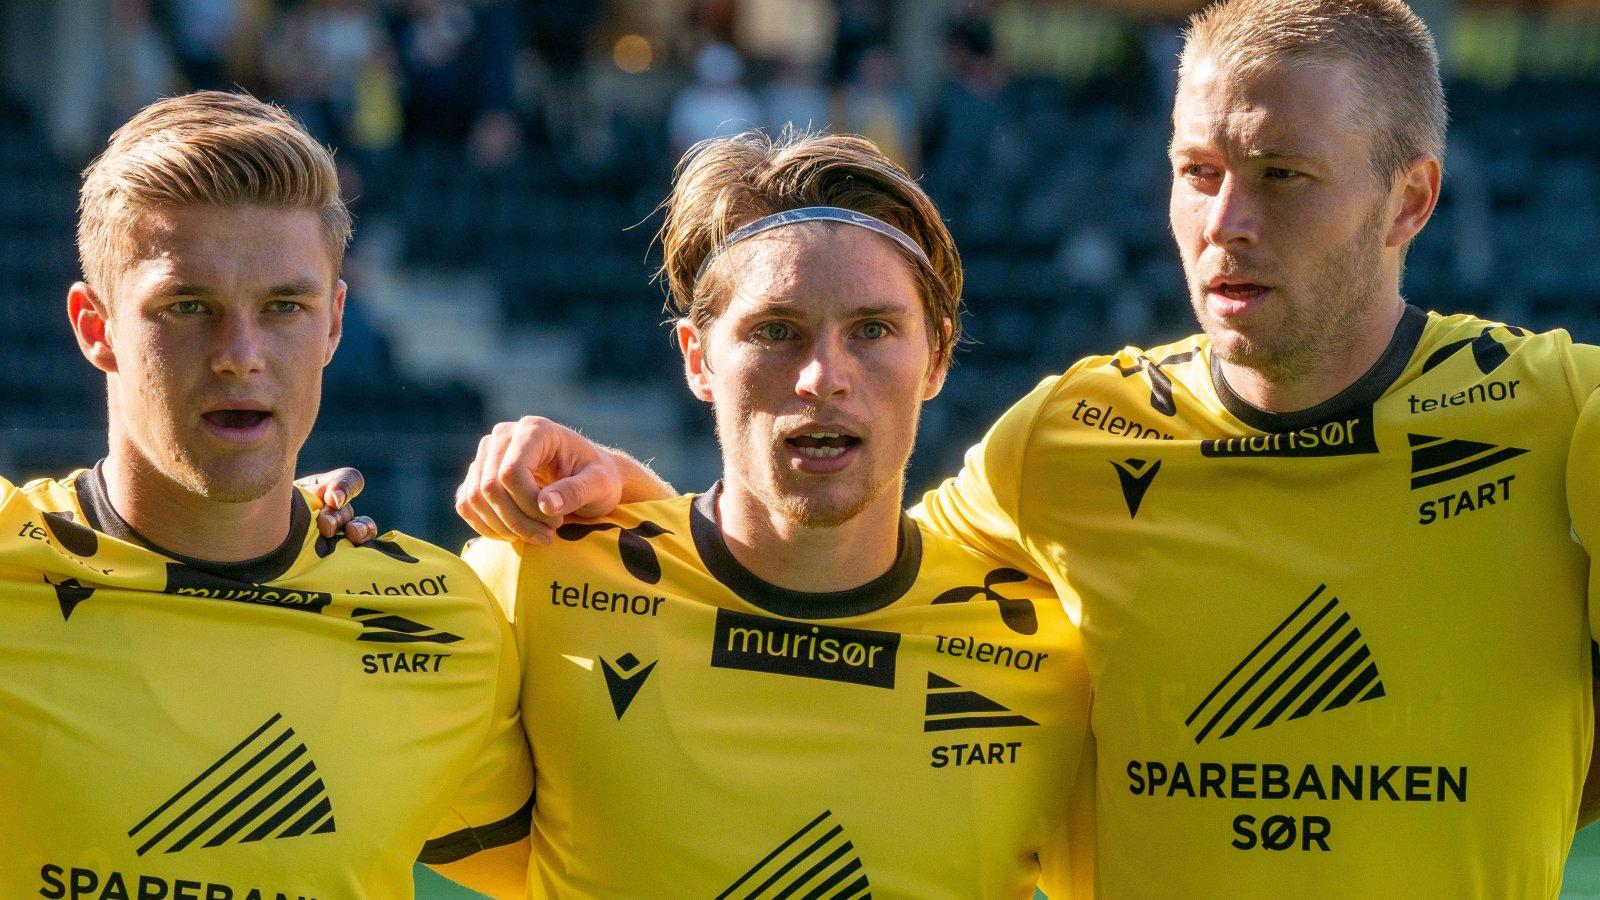 Mathias, Kasper og Henrik synger hymnen